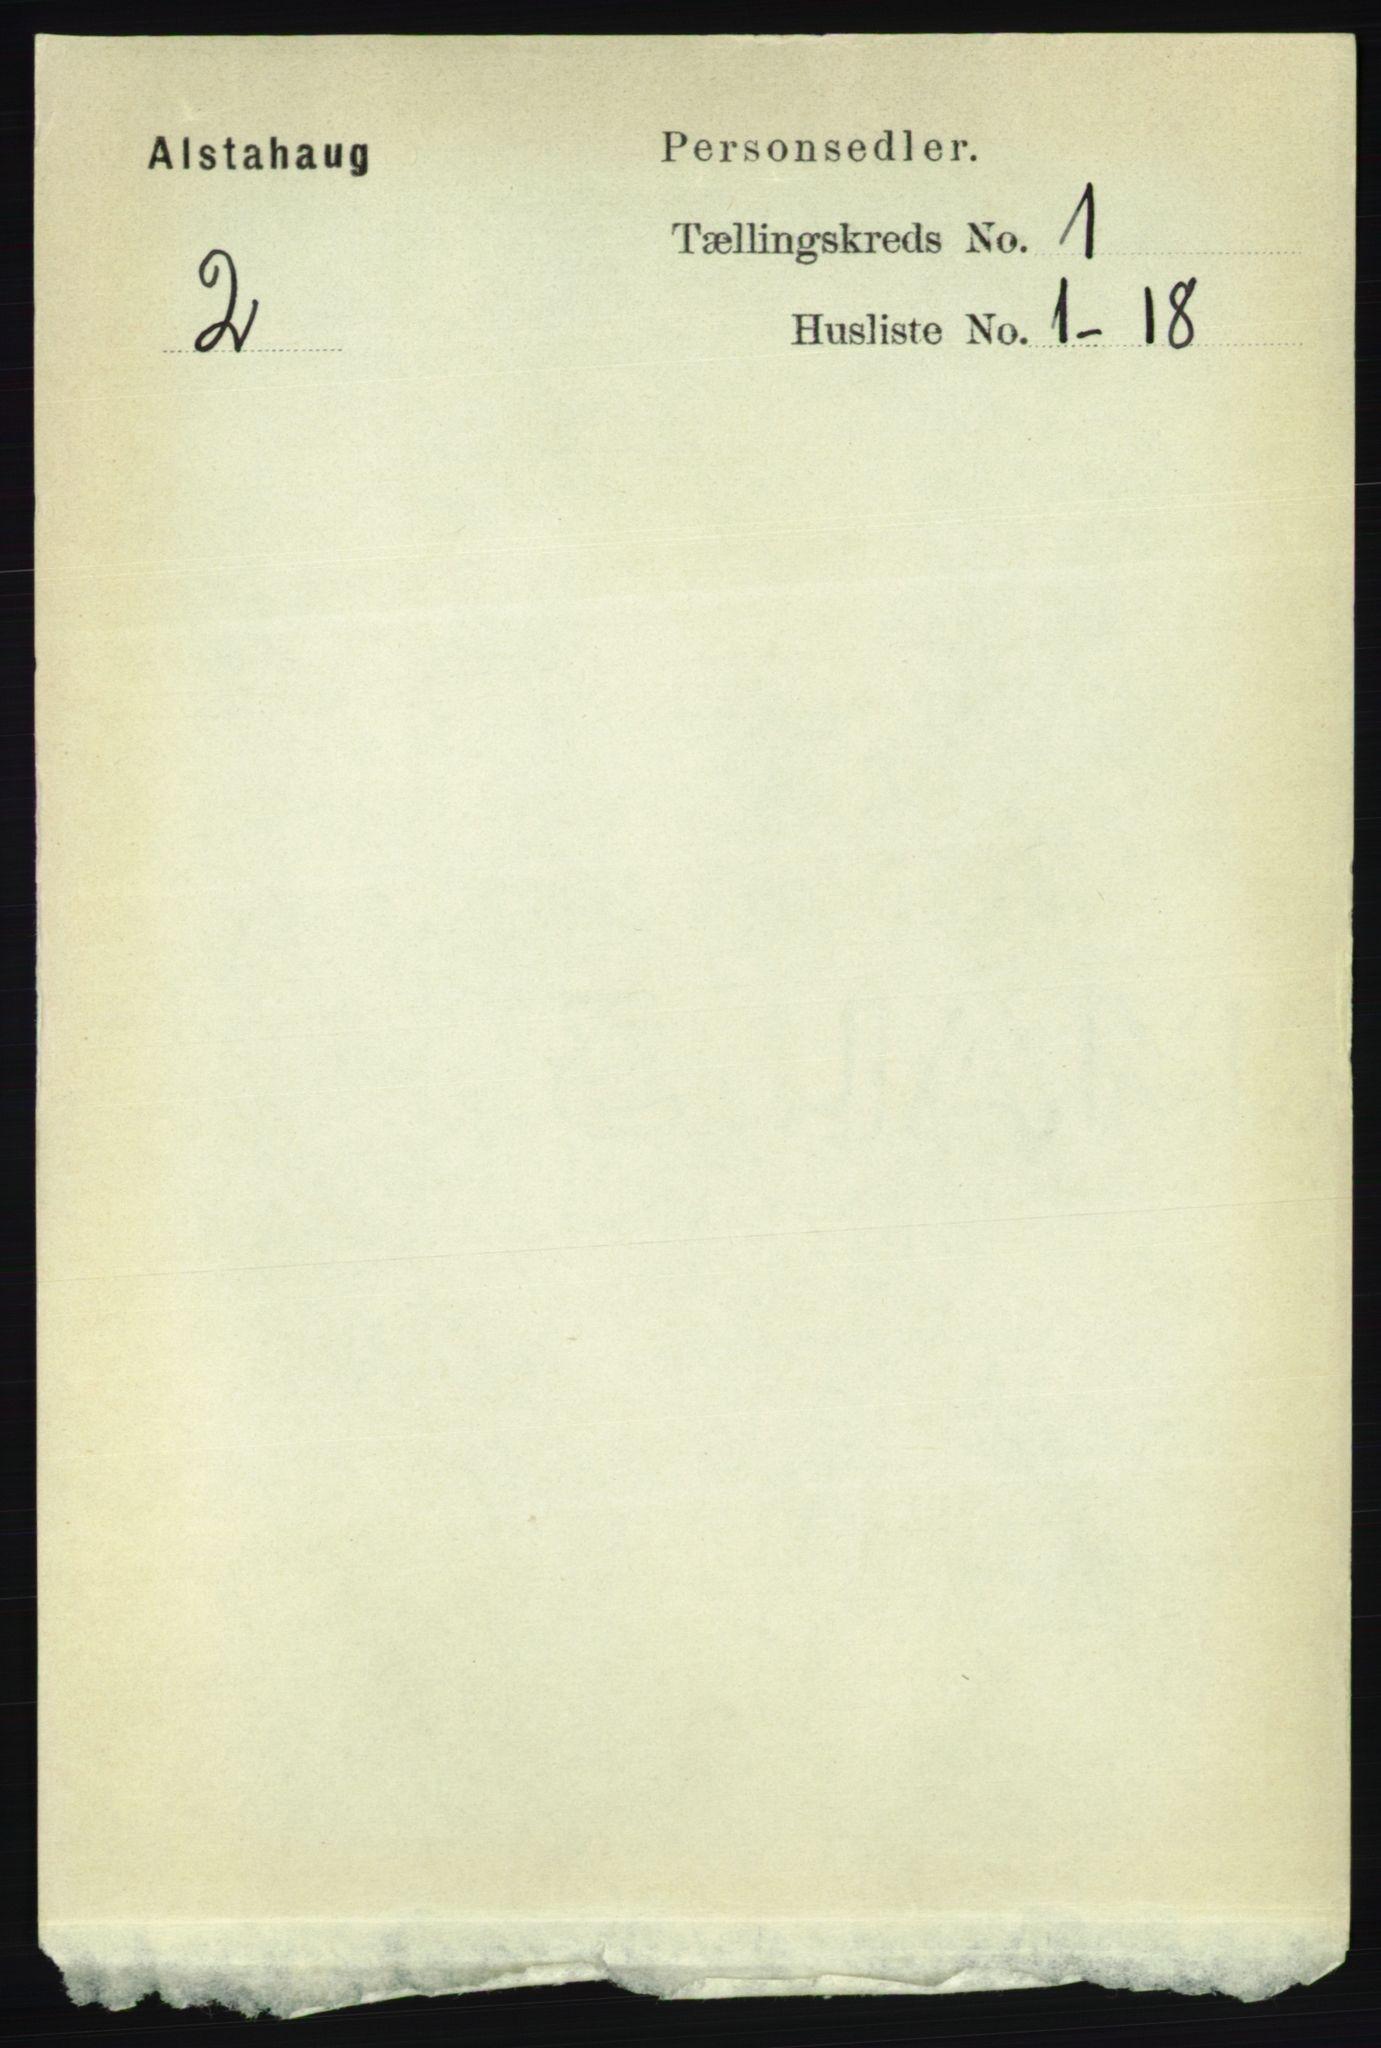 RA, Folketelling 1891 for 1820 Alstahaug herred, 1891, s. 95